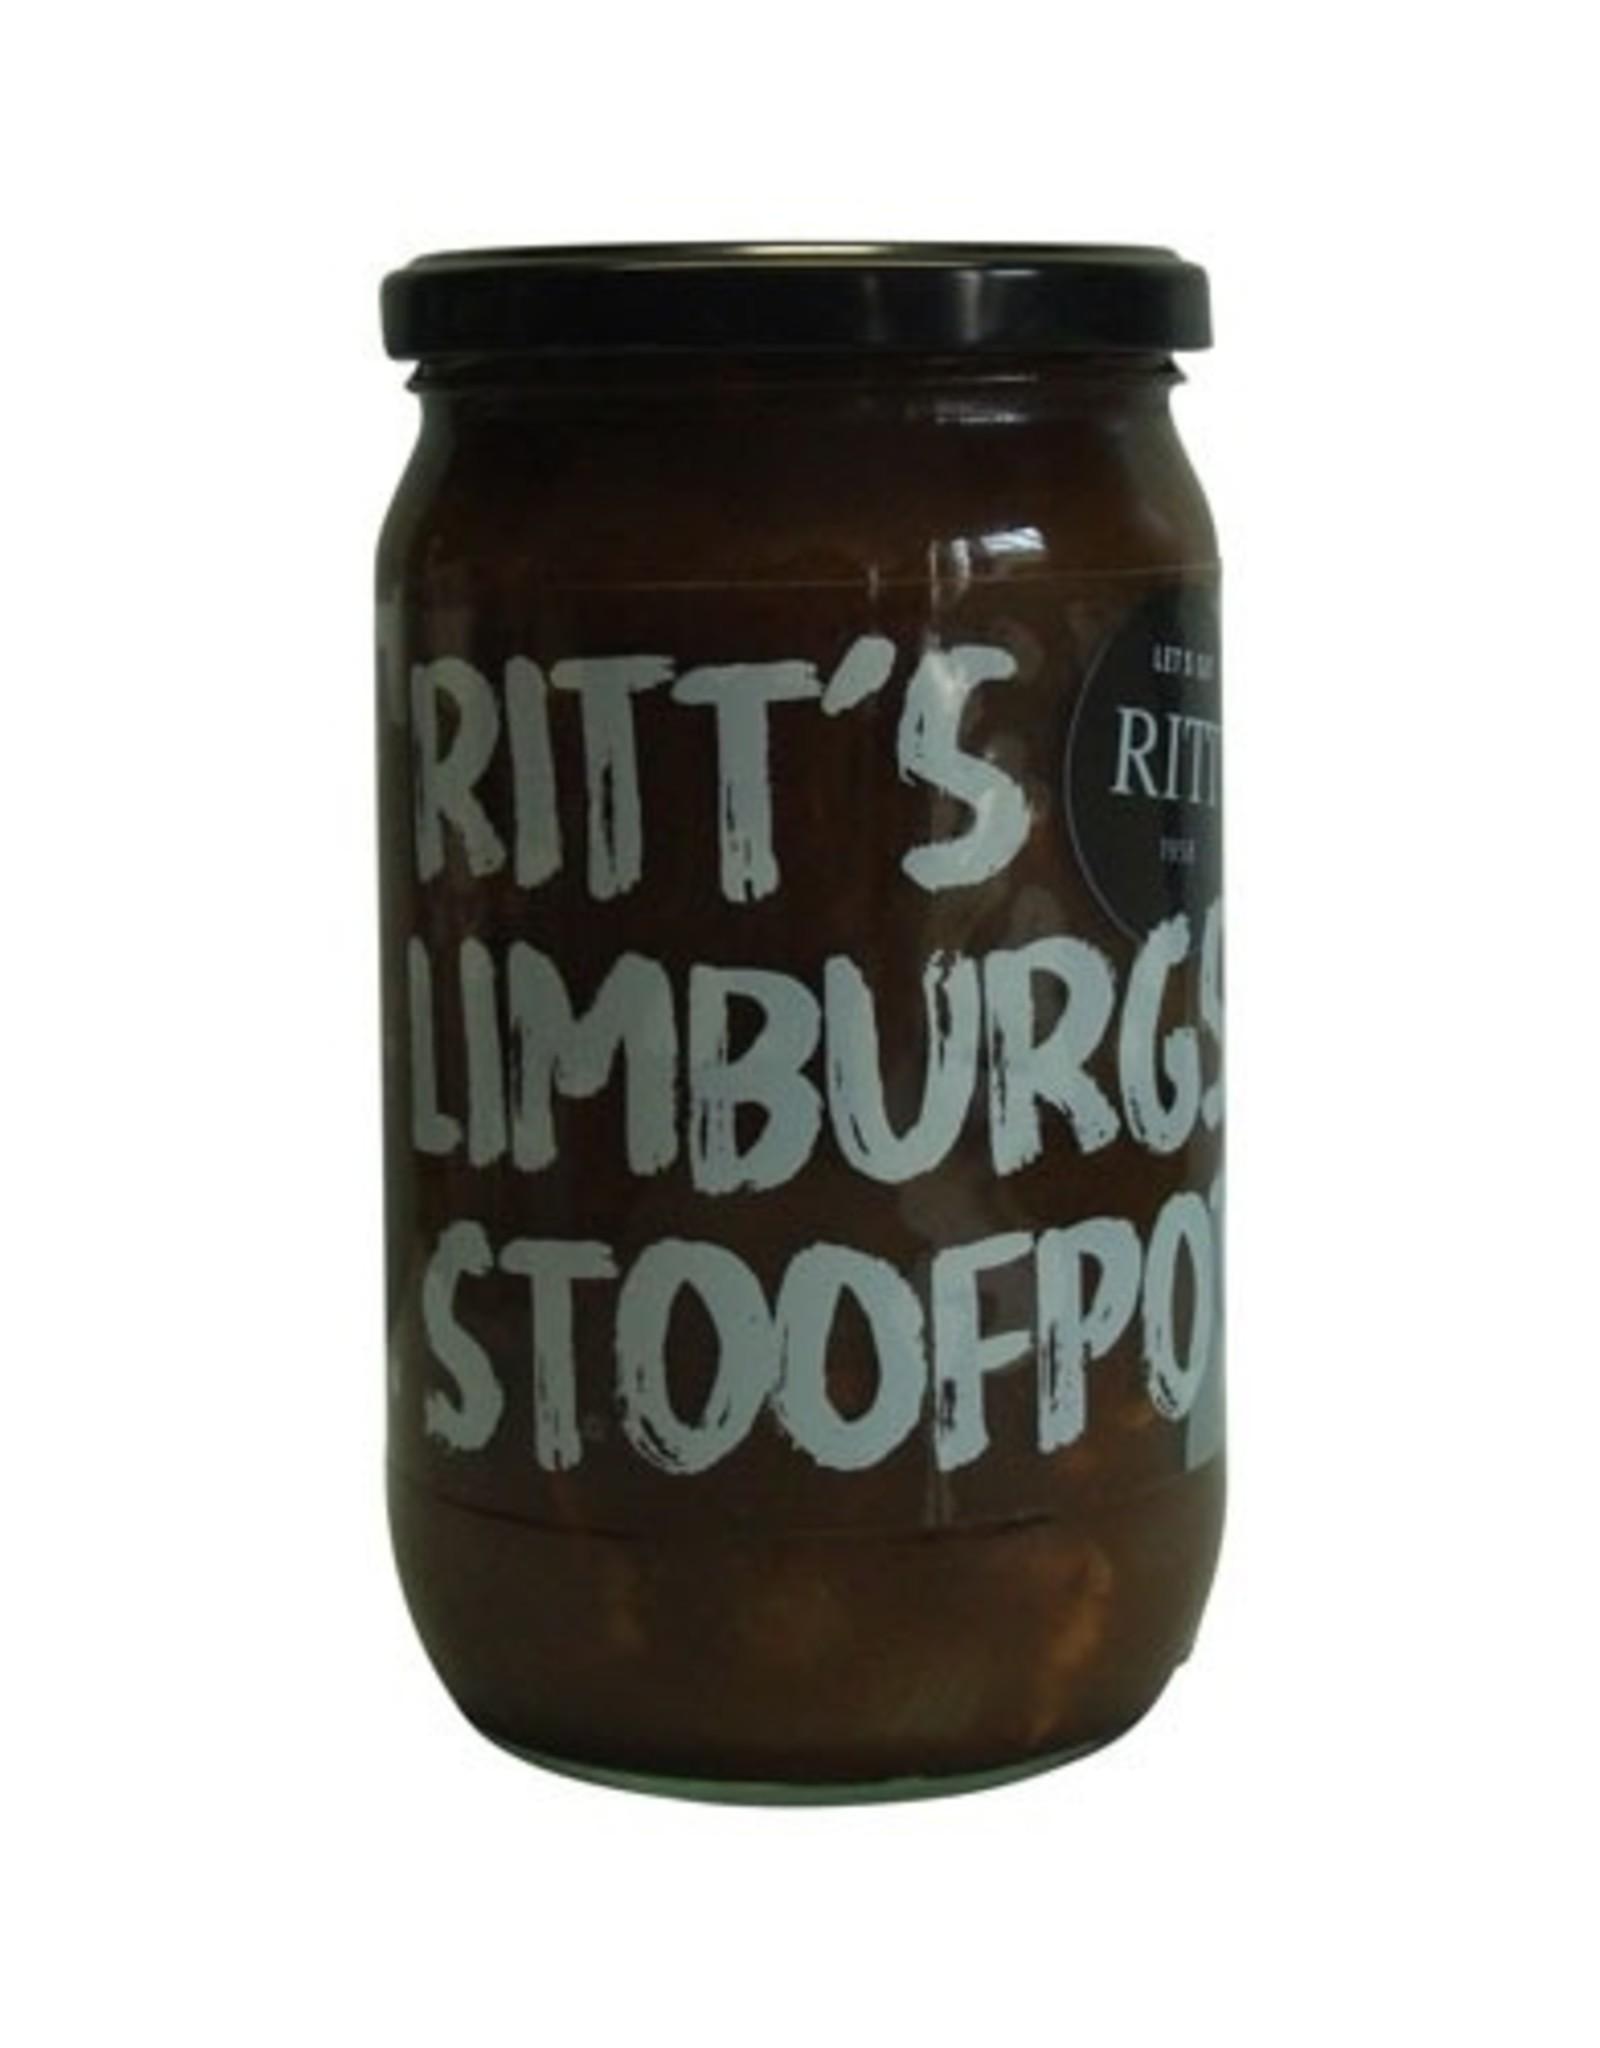 Ritt Limburg stoofpot varkensvlees 700 gr